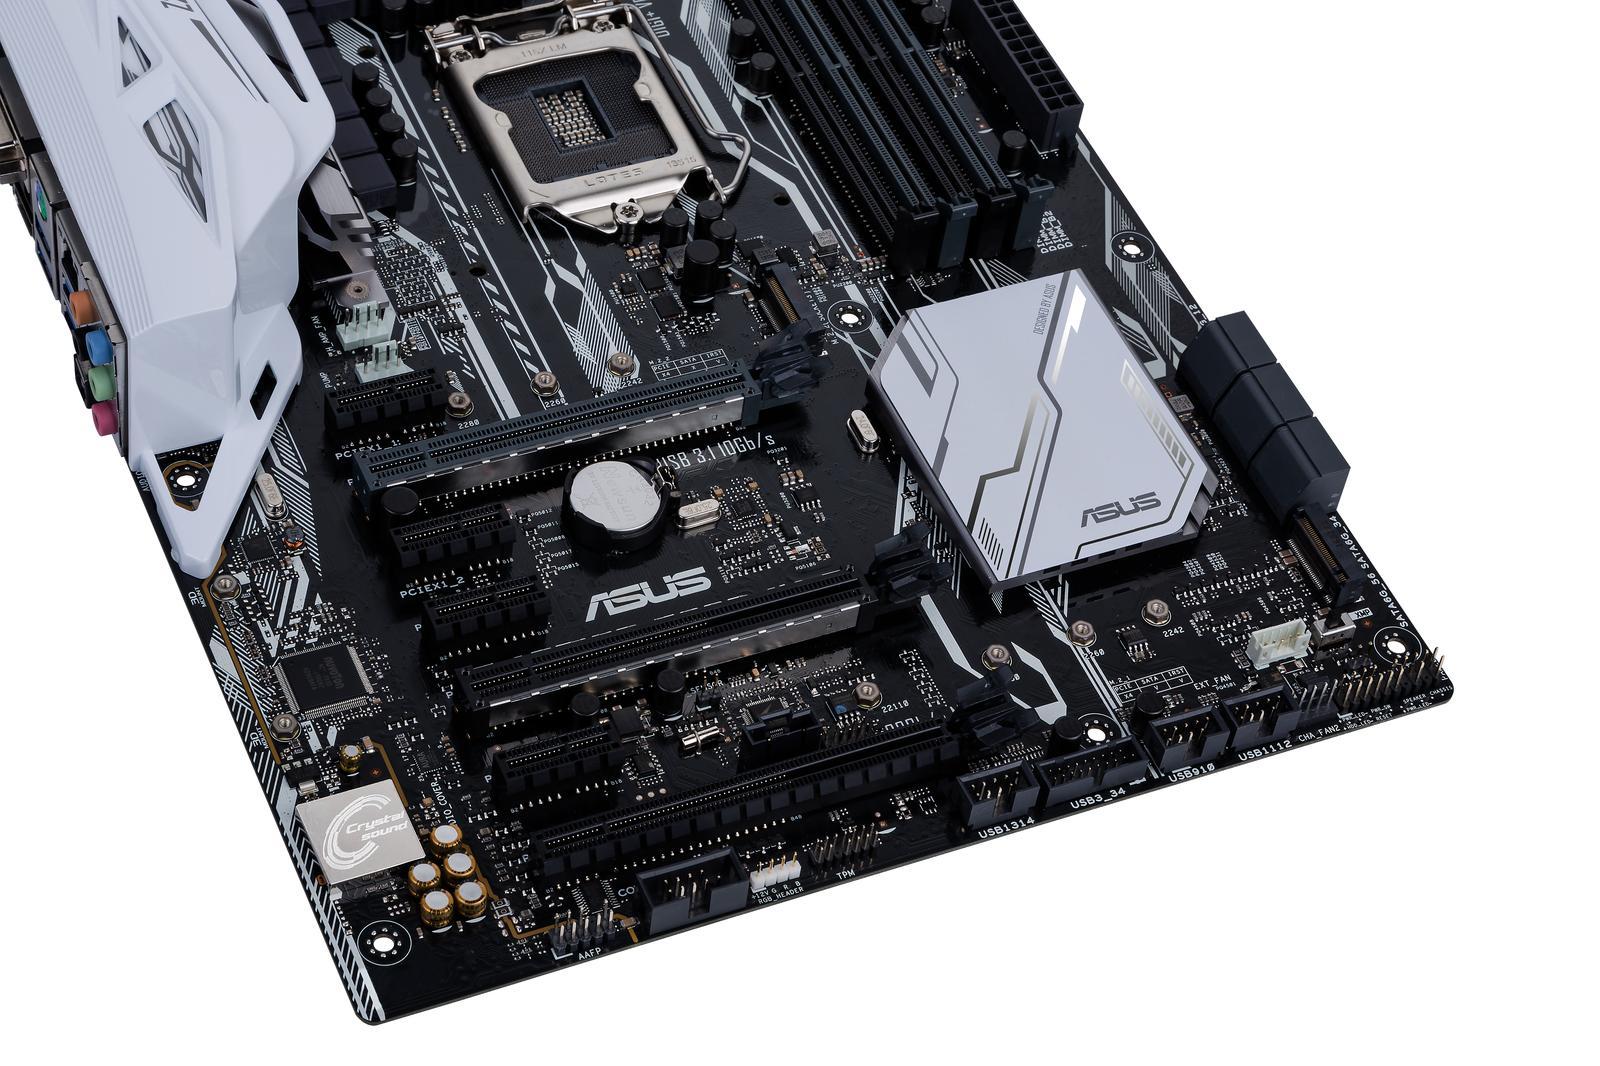 Asus PRIME Z270-A ATX LGA 1151